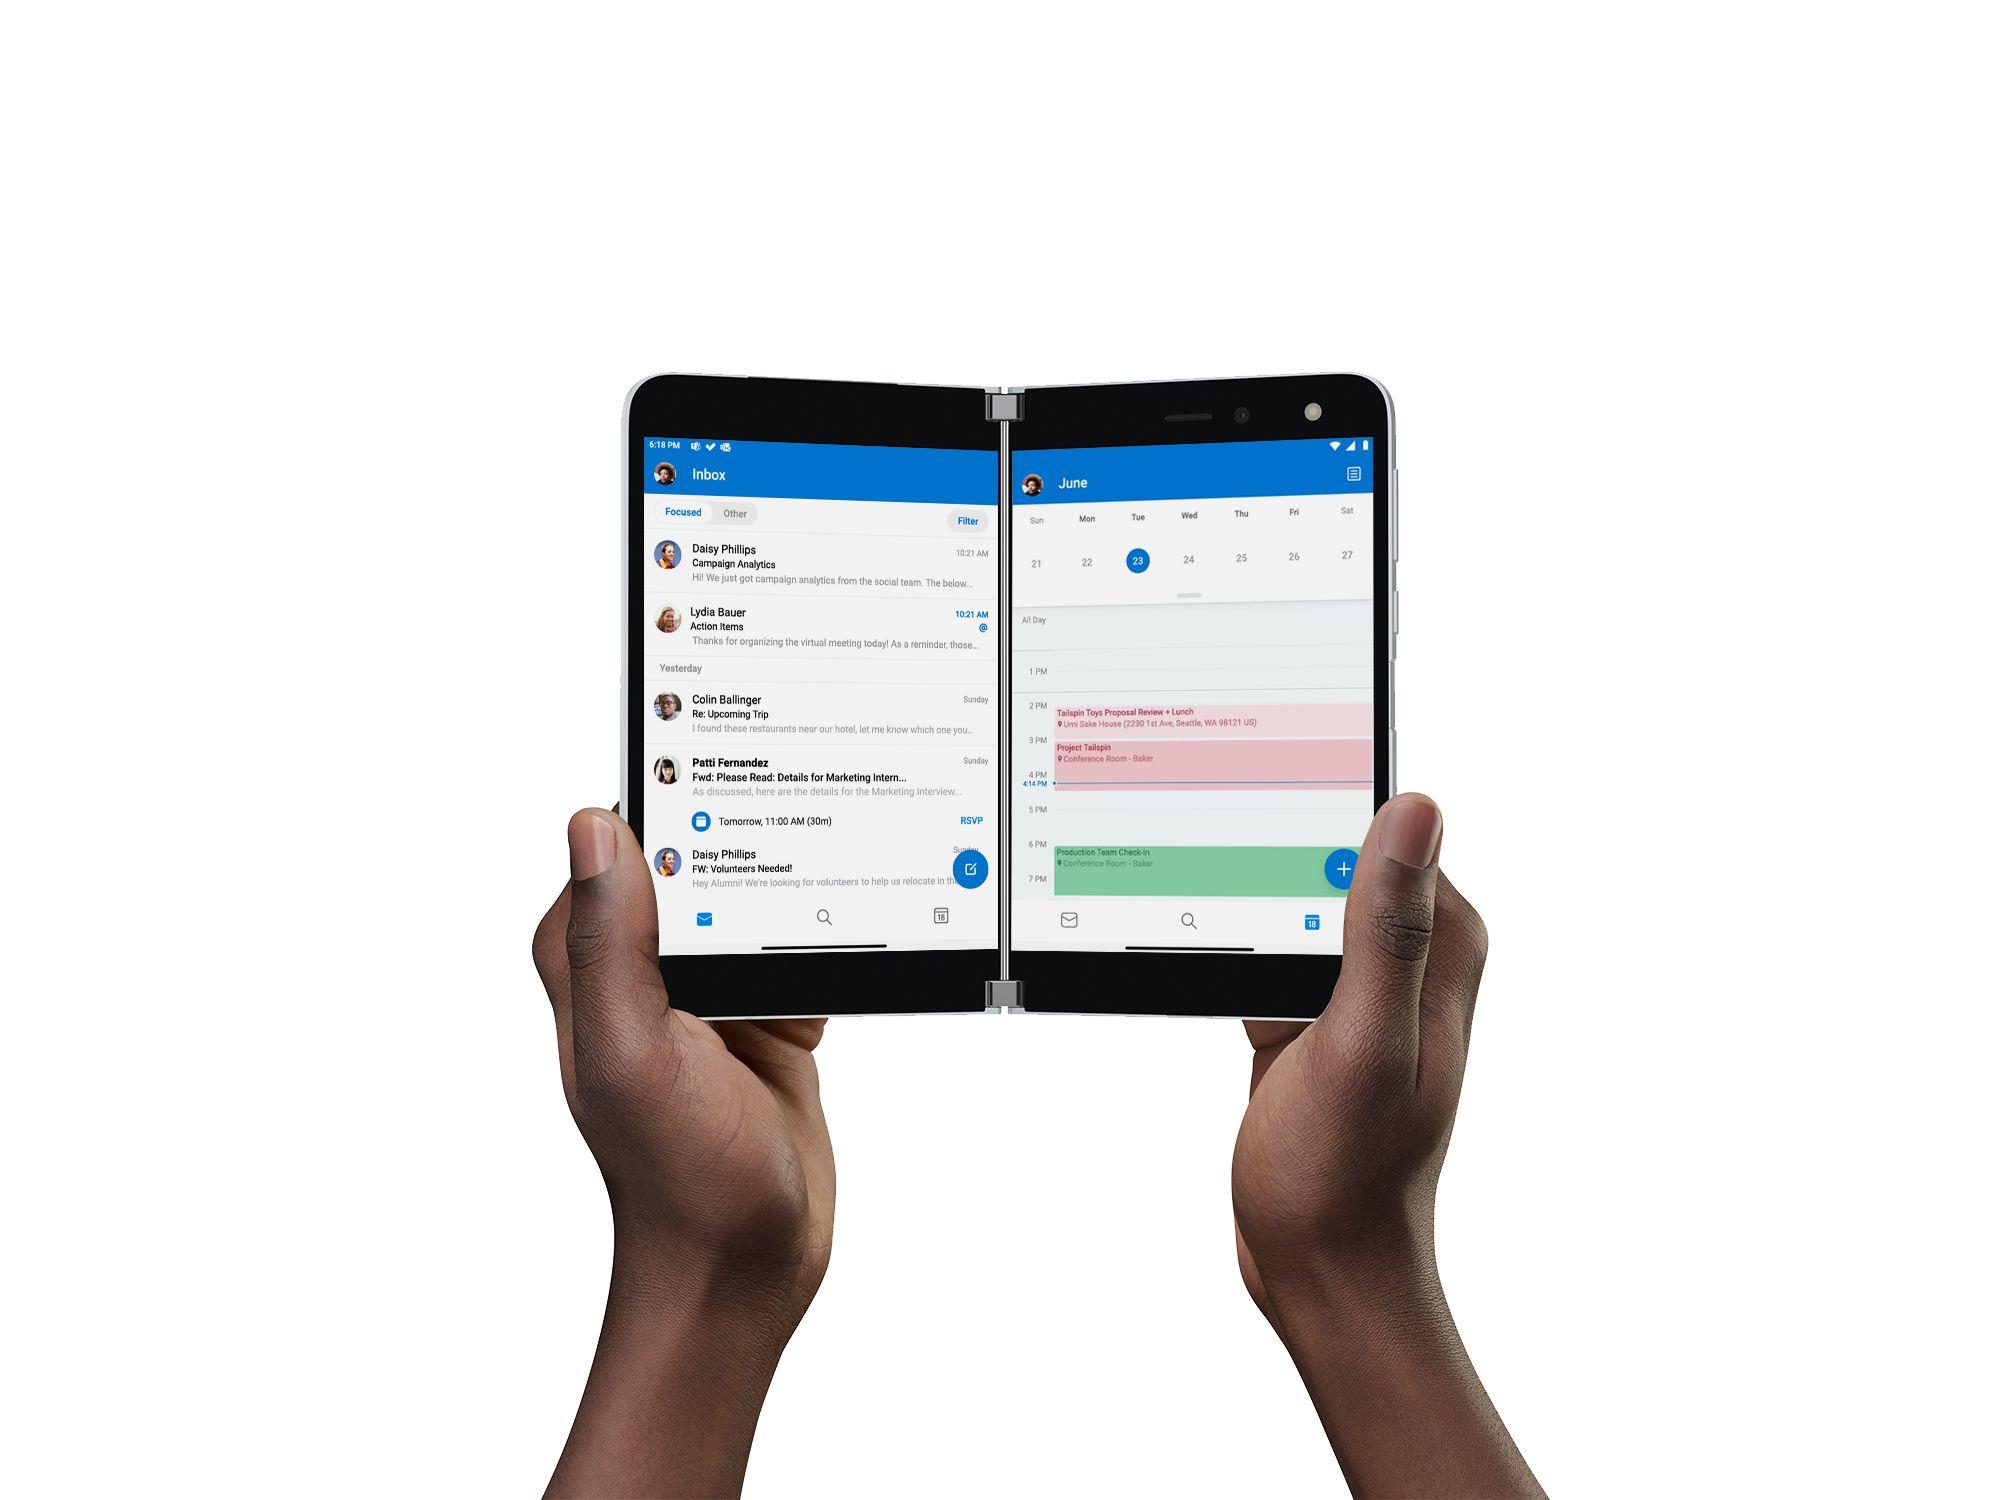 Das Surface Duo wird on 2 Händen gehalten, auf den den Bildschirmen im Querformat ist die Outlook App geöffnet